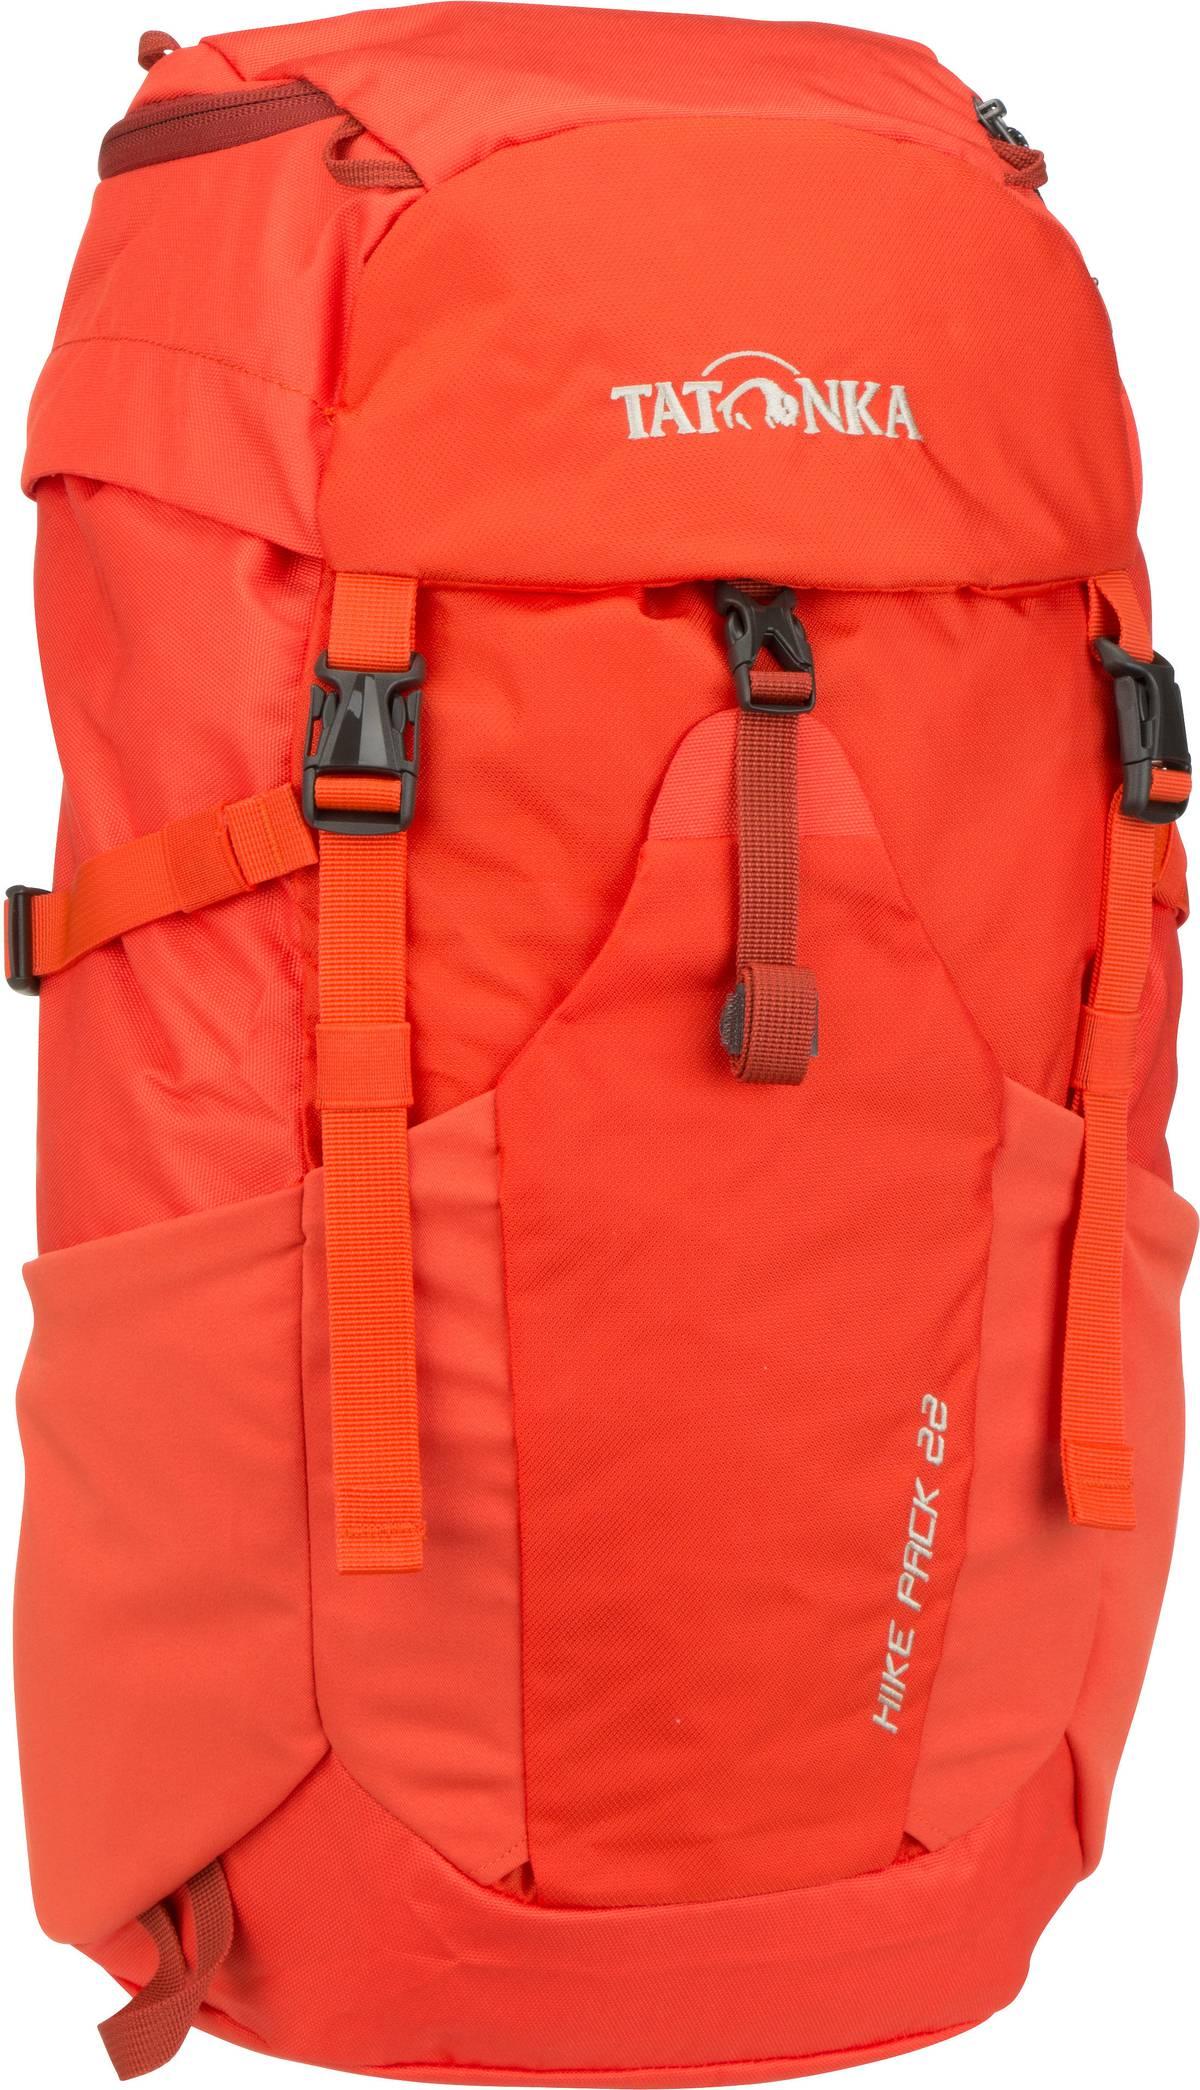 Wanderrucksack Hike Pack 22 Red Orange (22 Liter)